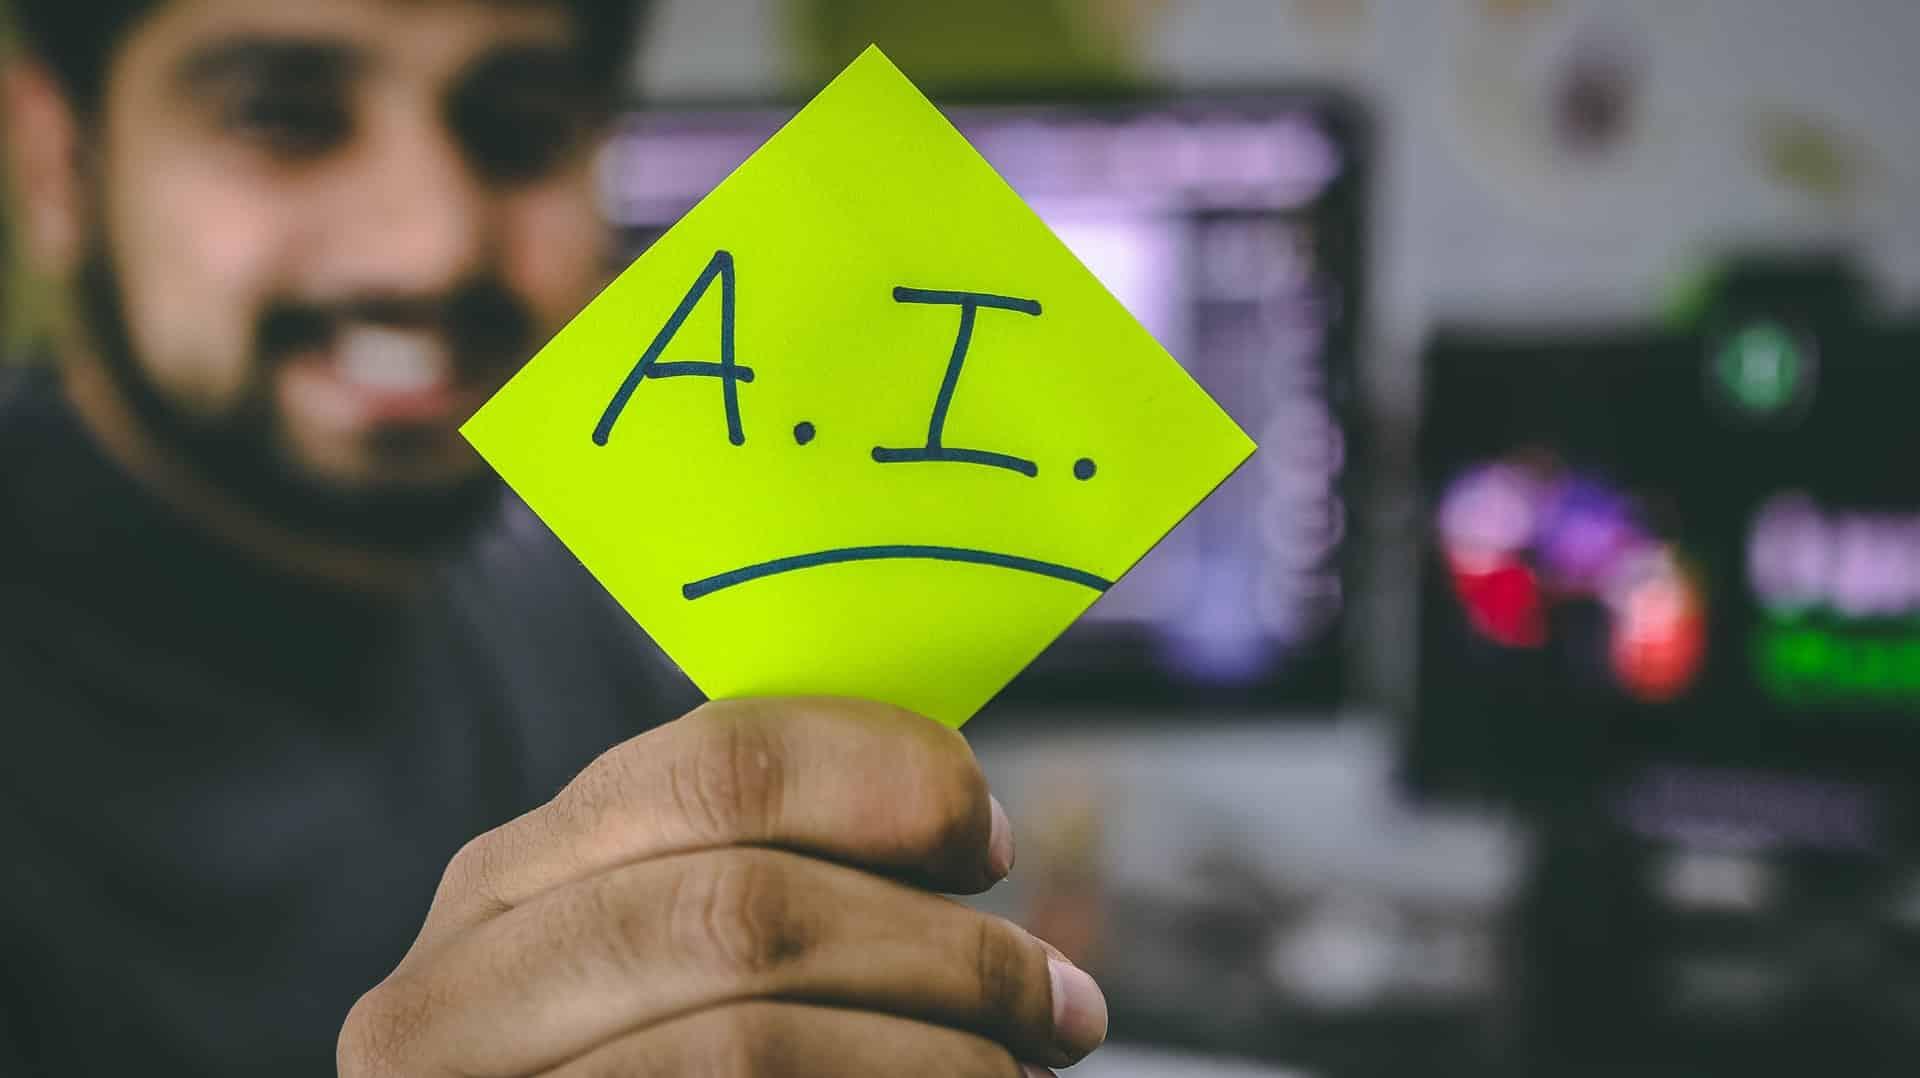 Математики АлтГУ успешно реализуют образовательную программу Intel «Технологии искусственного интеллекта для каждого»